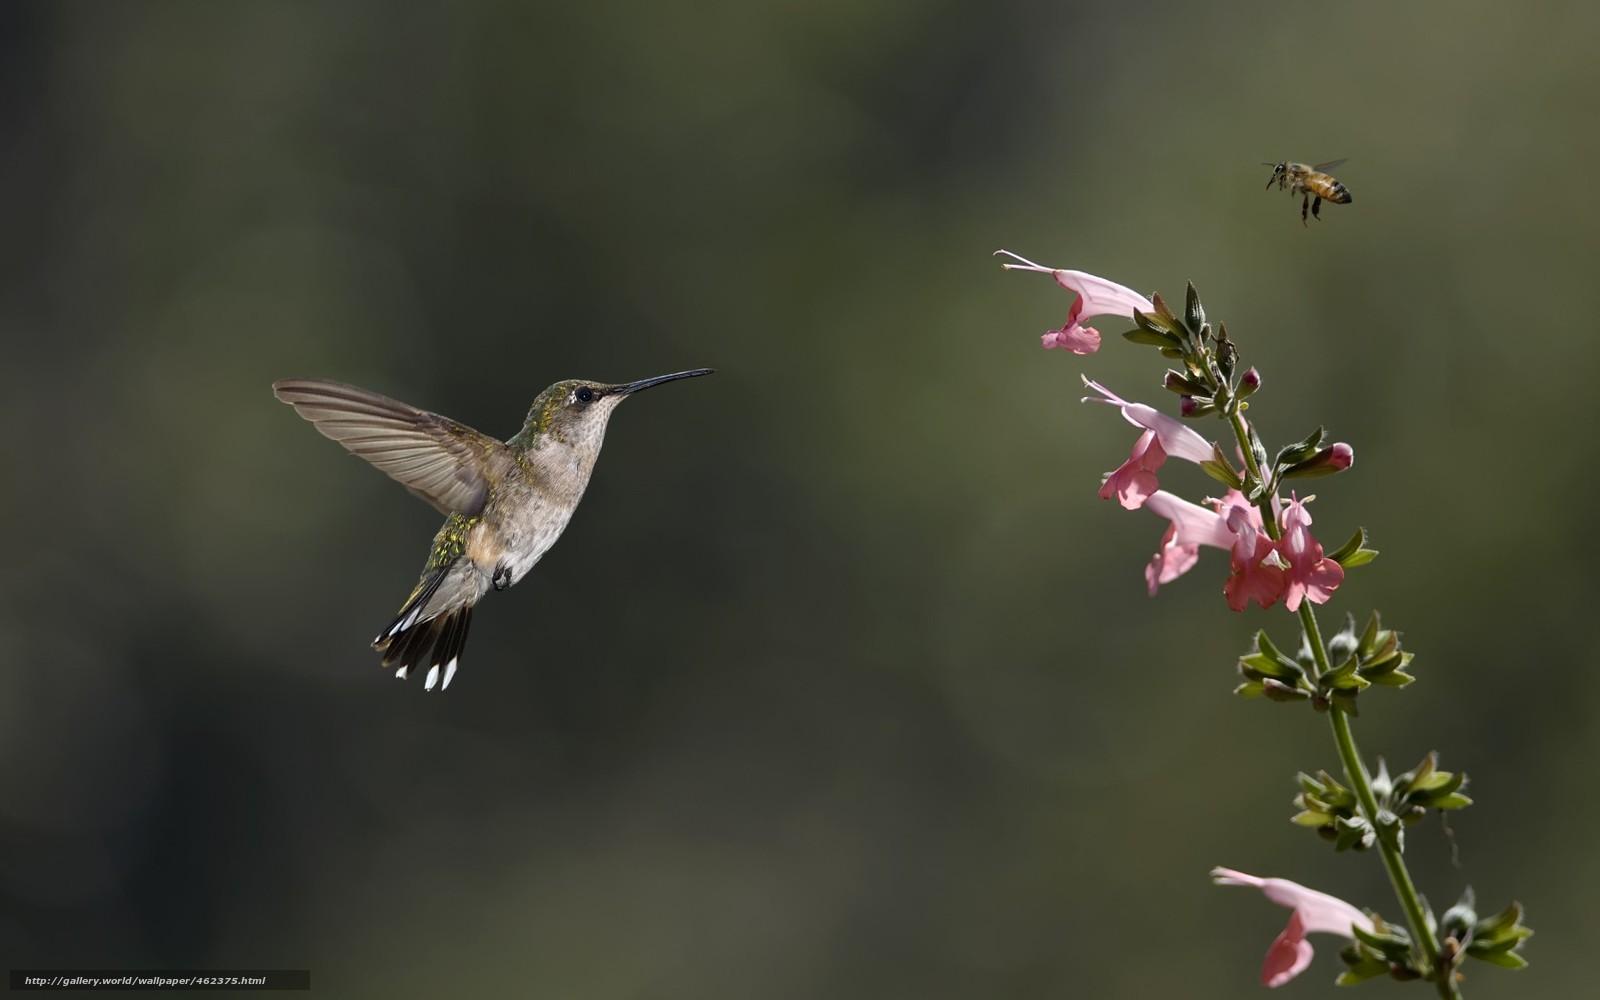 Скачать обои птица,  колибри,  насекомое,  цветок бесплатно для рабочего стола в разрешении 1680x1050 — картинка №462375